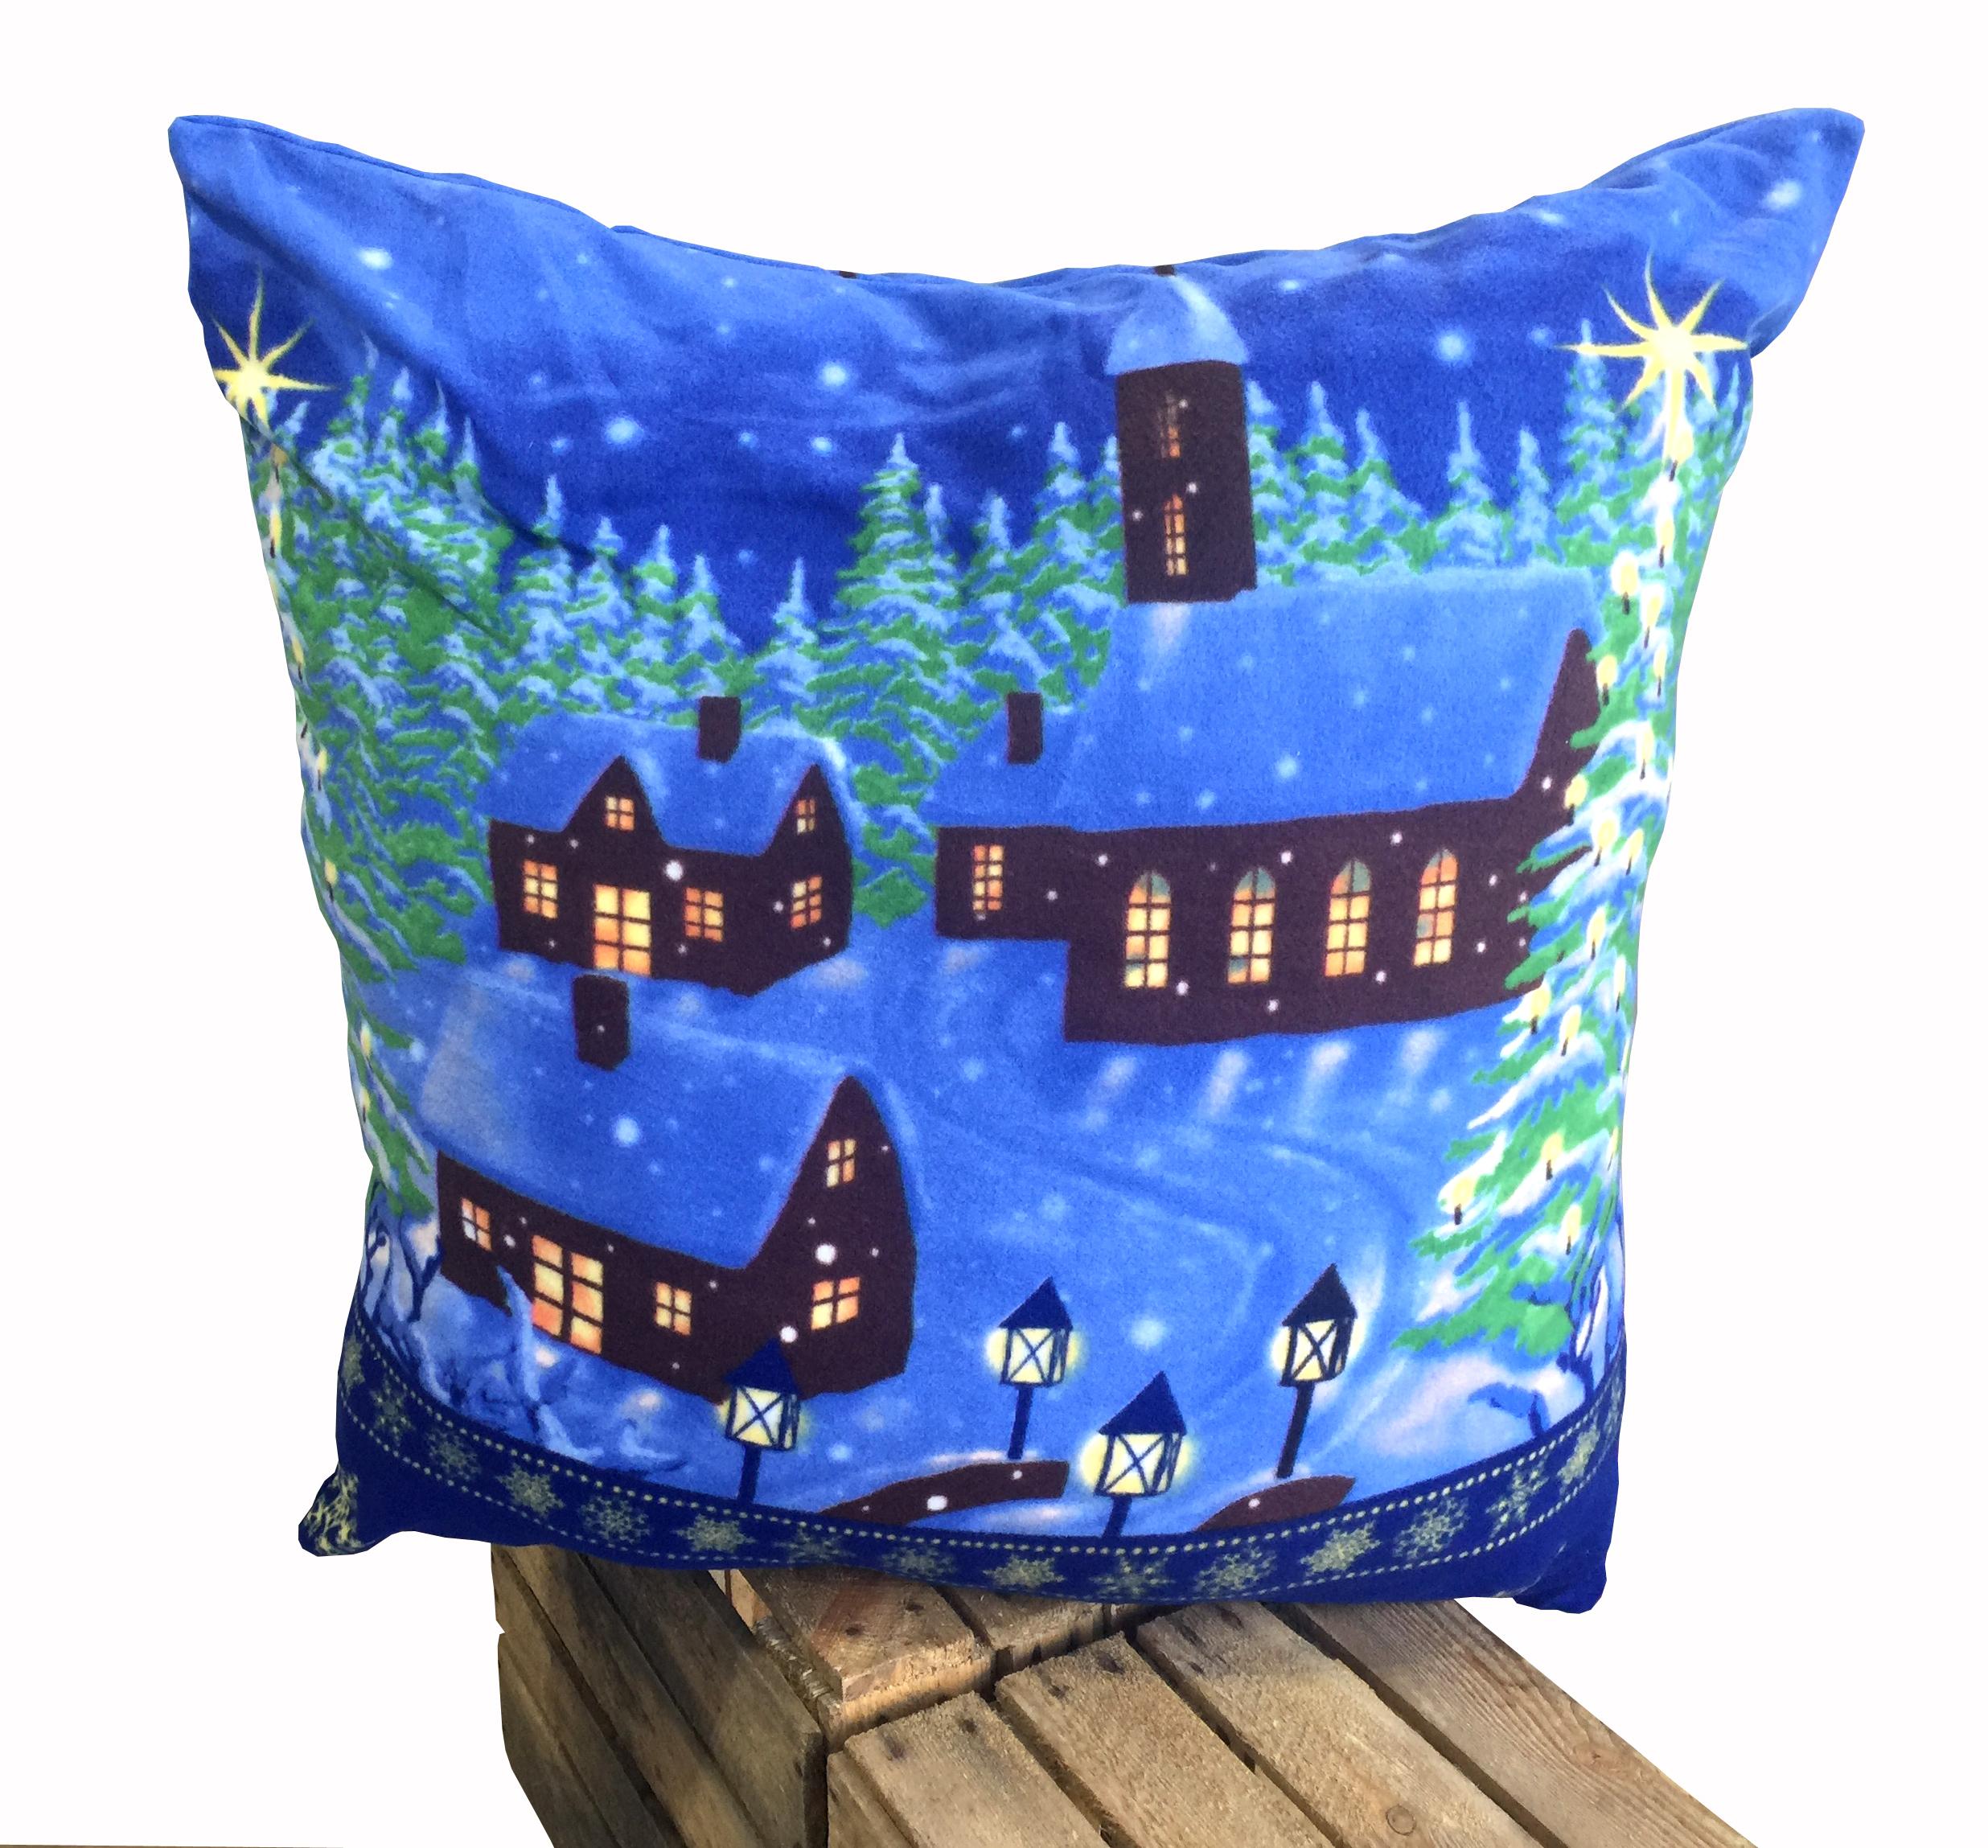 warme thermofleece bettw sche 2 teilig 135x200 cm winterdorf blau schnee wende bettw sche winter. Black Bedroom Furniture Sets. Home Design Ideas